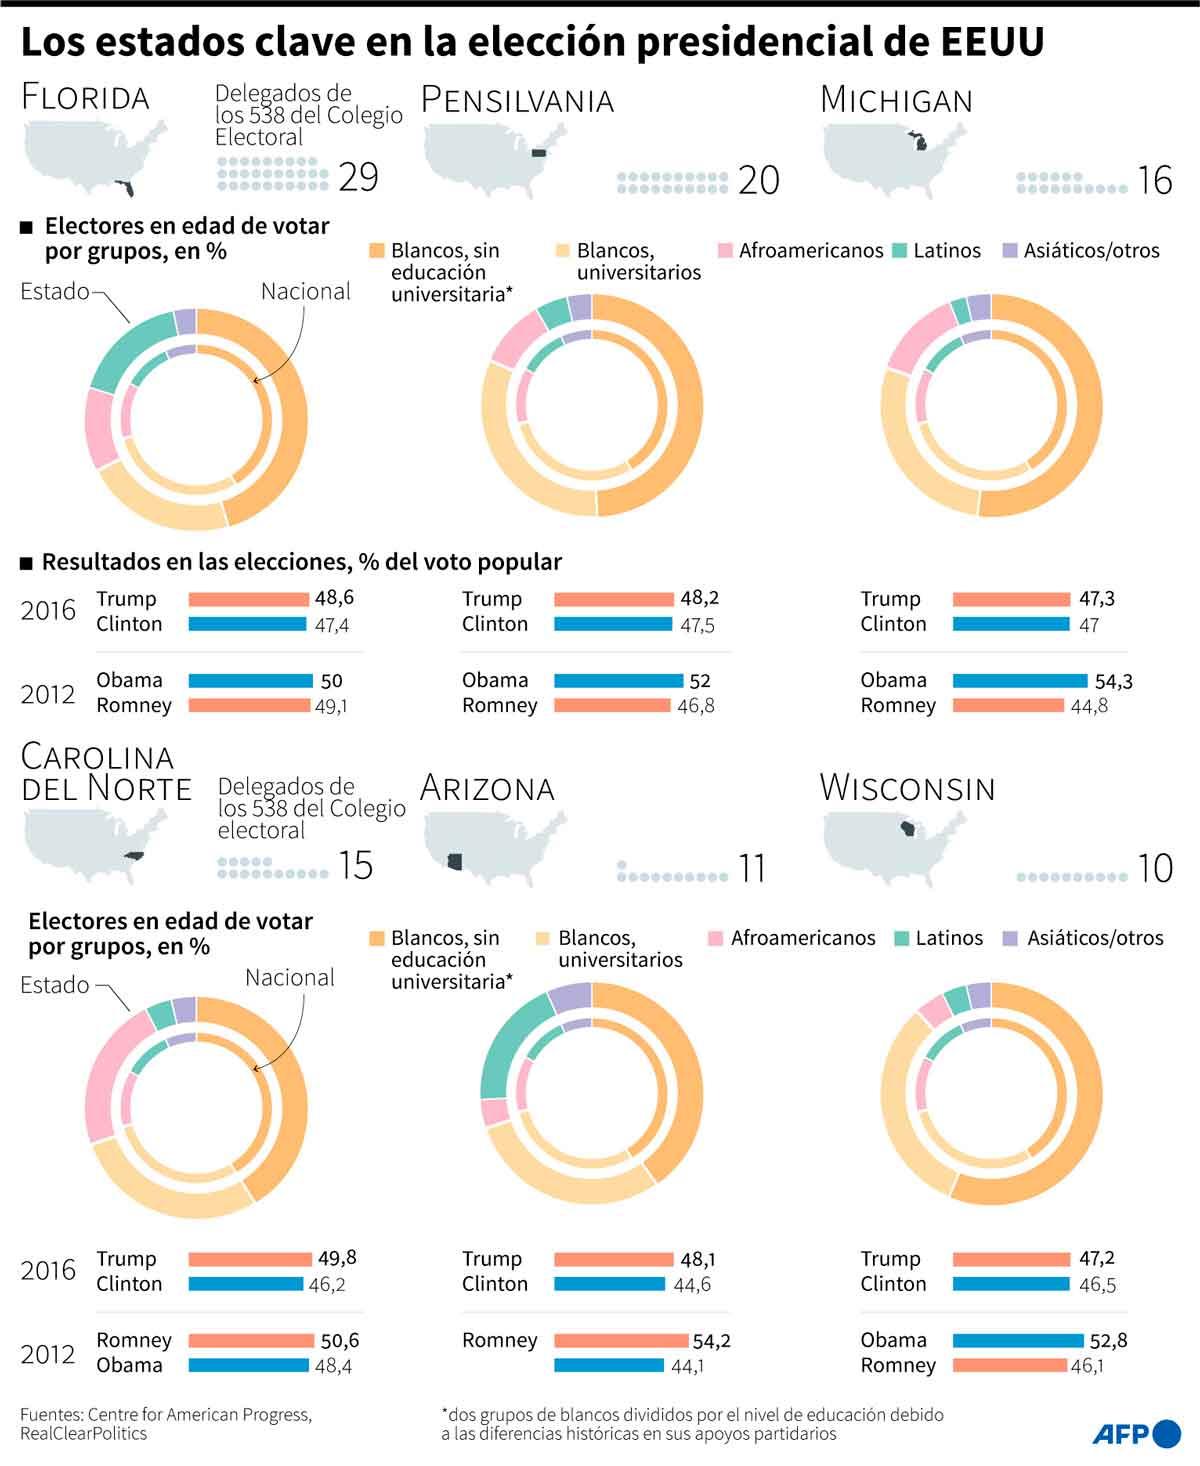 Latinos ahora son más - El Sol Latino